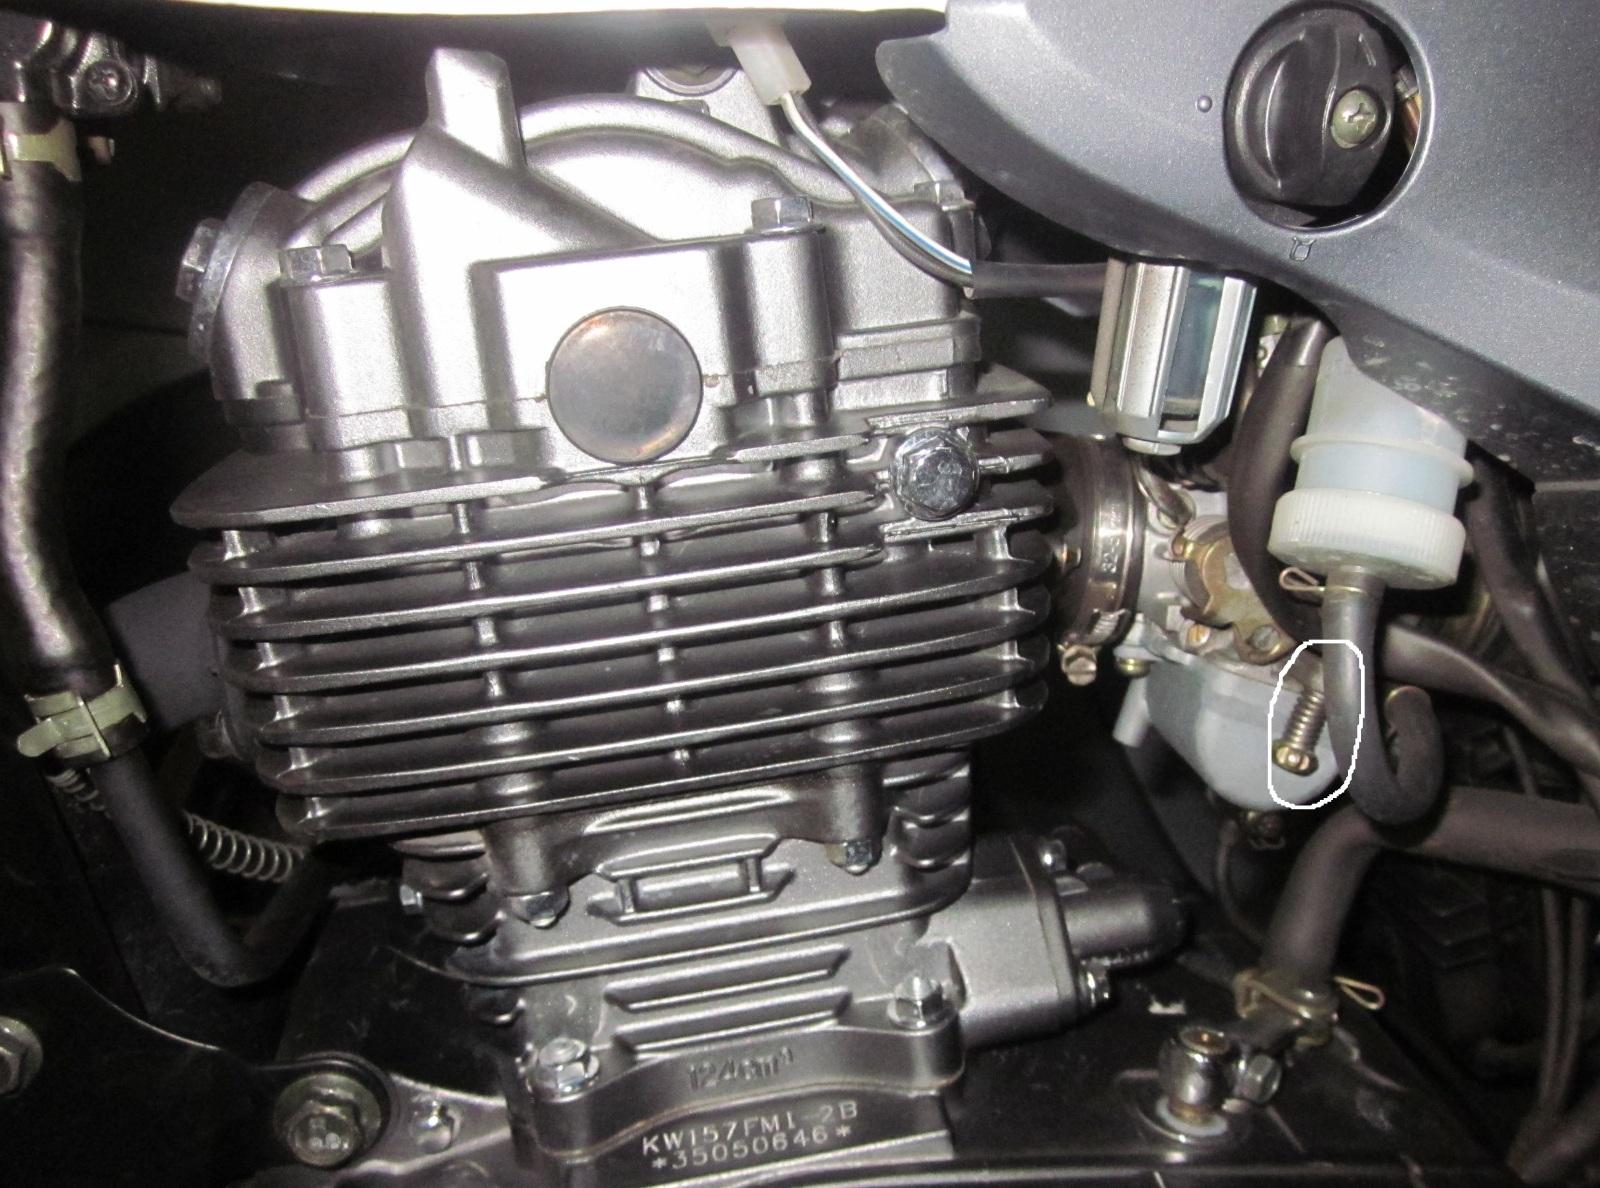 Regulación carburador rks 150 1zp3c45